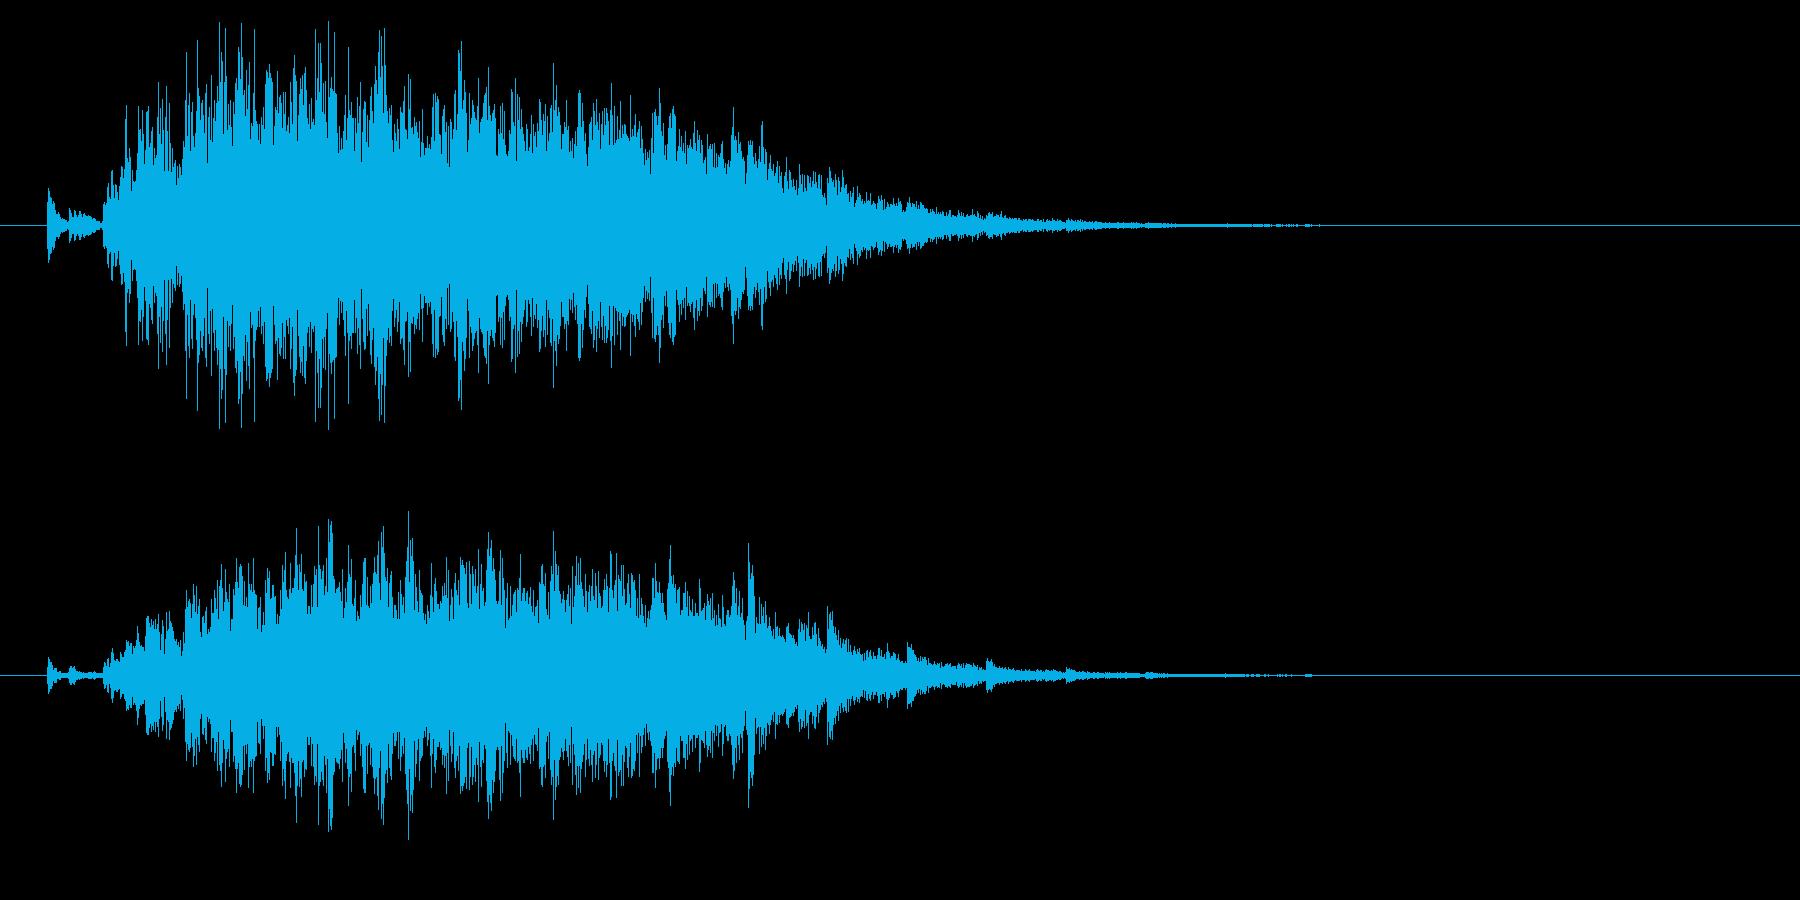 Bellチャイム_魔法効果_場面展開の再生済みの波形